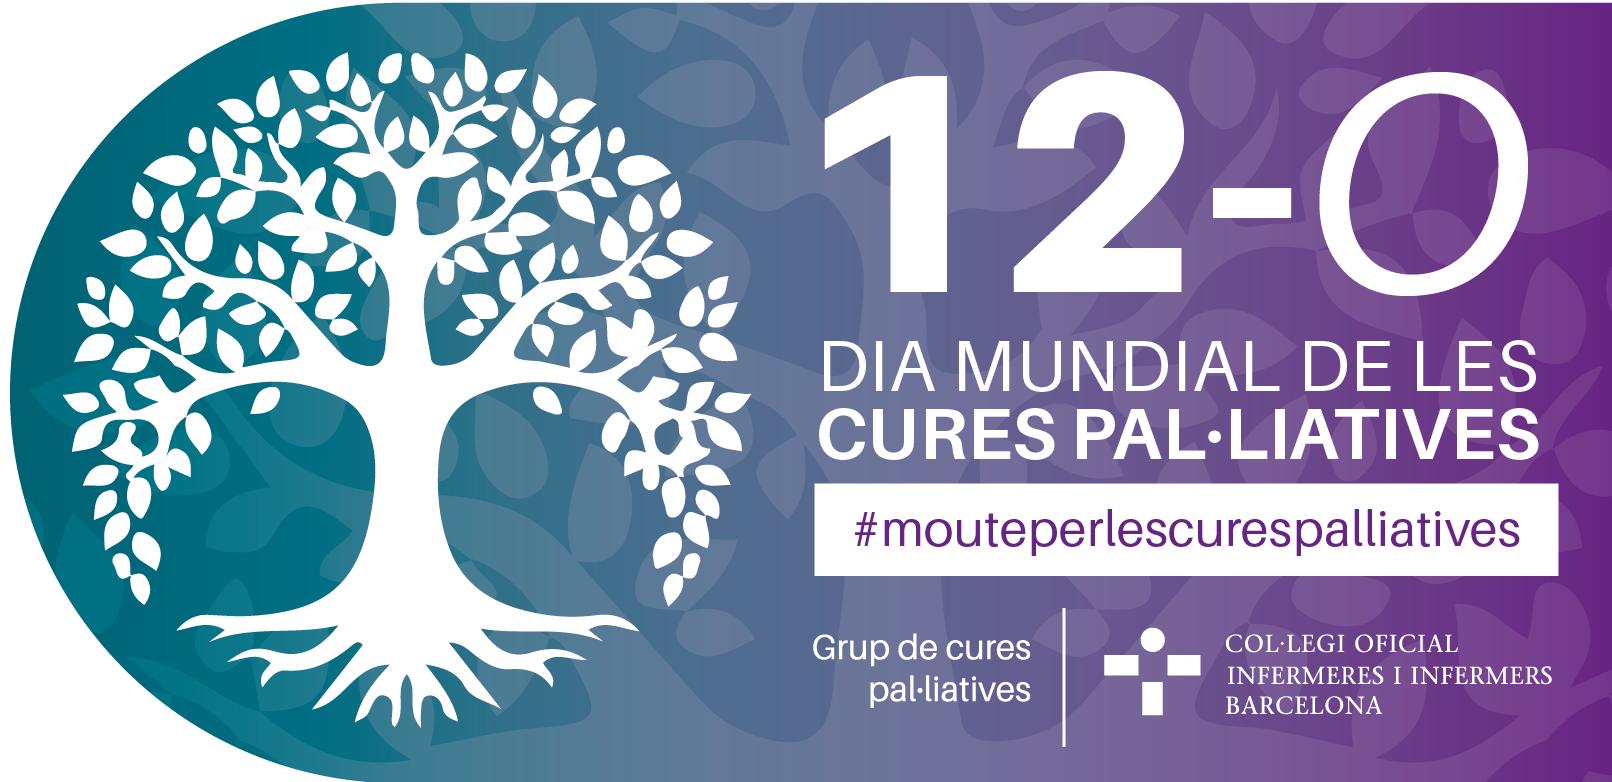 Campanya de difusió per donar visibilitat a l'aportació infermera en les cures pal·liatives